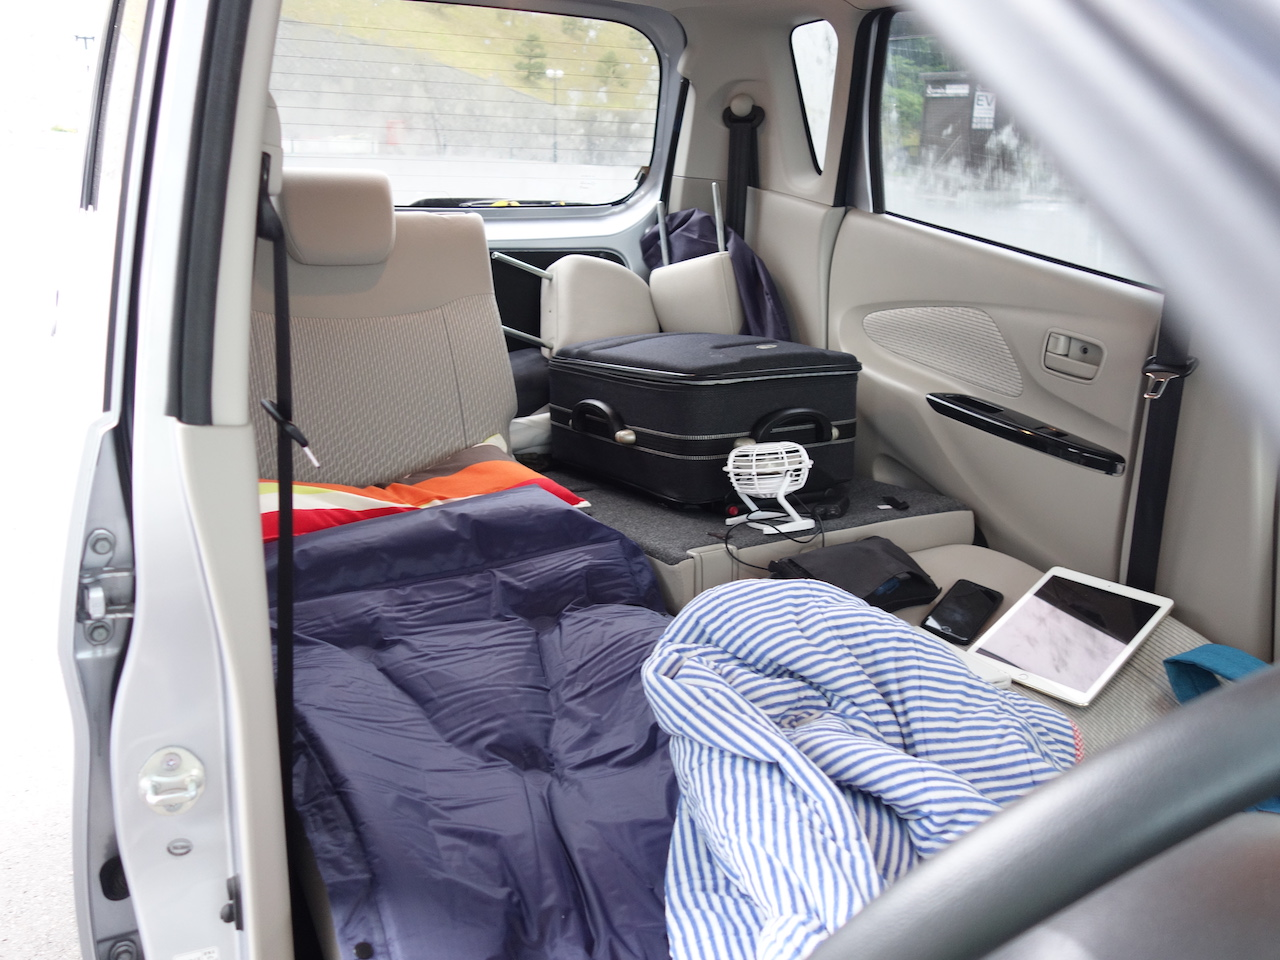 気軽に車中泊できる自動拡張式エアーマットが便利すぐる!キャンプでも大活躍